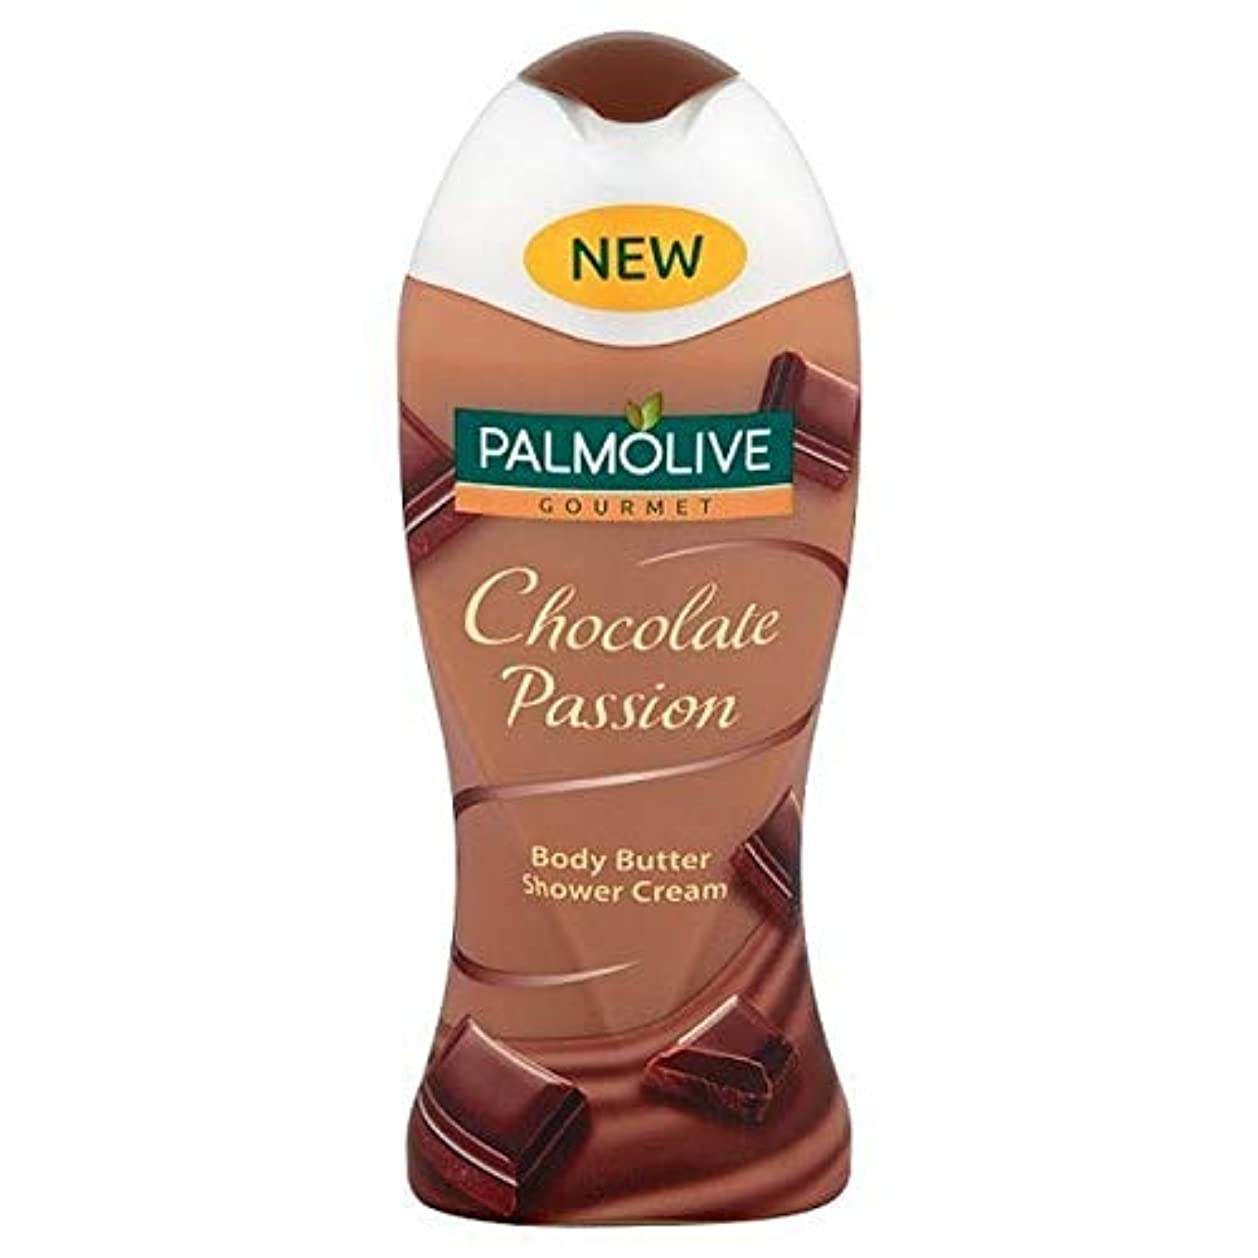 私のオフェンス読書をする[Palmolive ] パルモグルメチョコレートパッションシャワージェル250ミリリットル - Palmolive Gourmet Chocolate Passion Shower Gel 250ml [並行輸入品]